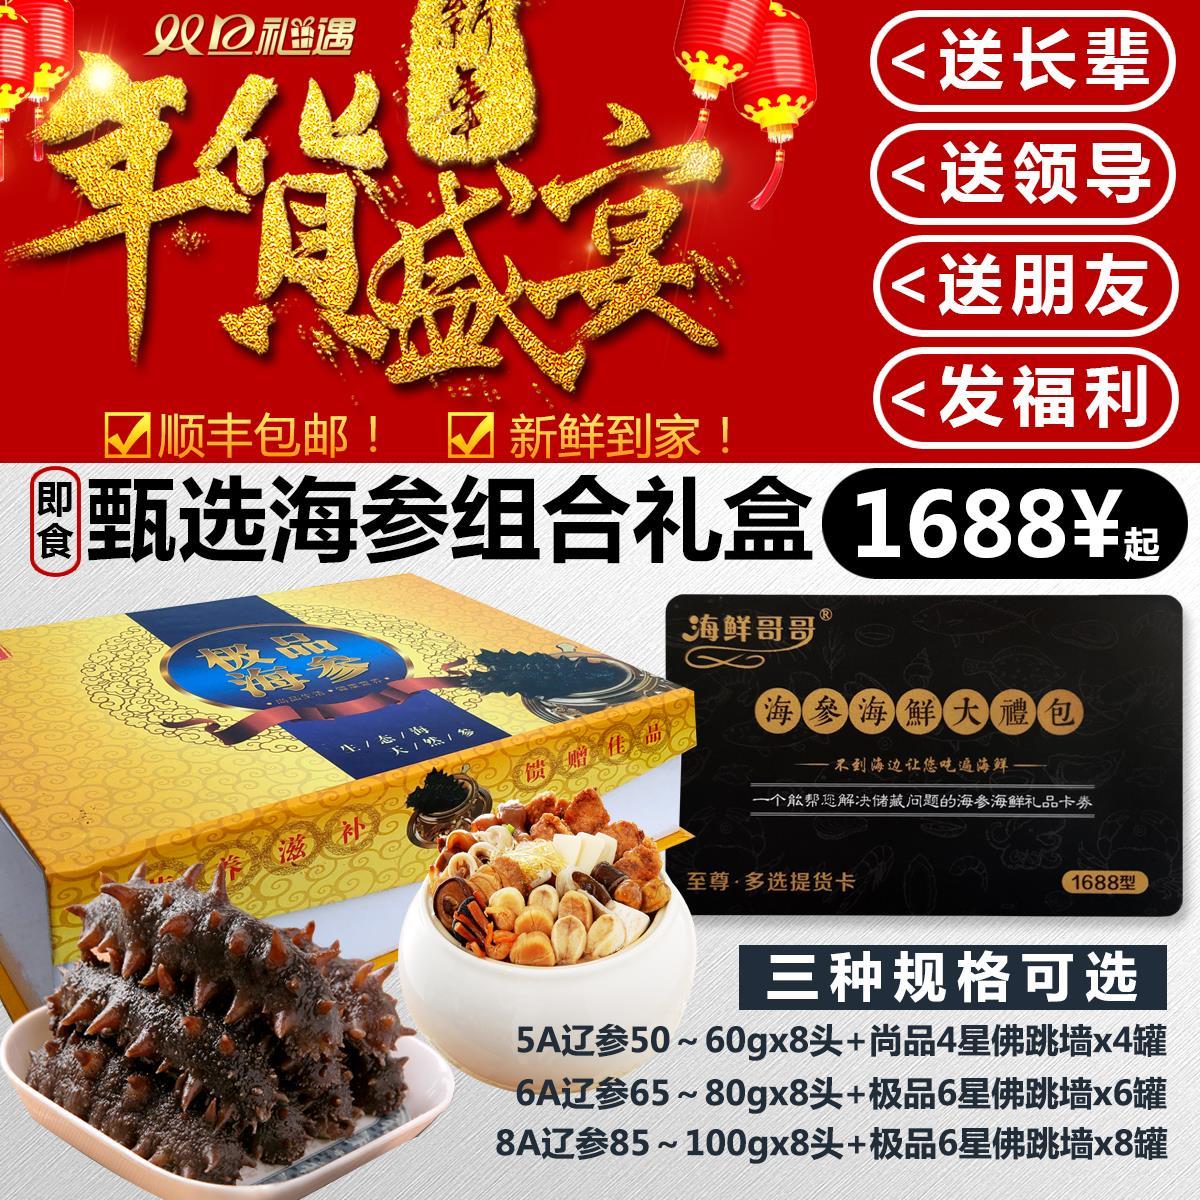 礼券鲜礼盒8688帝王蟹年夜饭大礼包生鲜礼品卡提货券